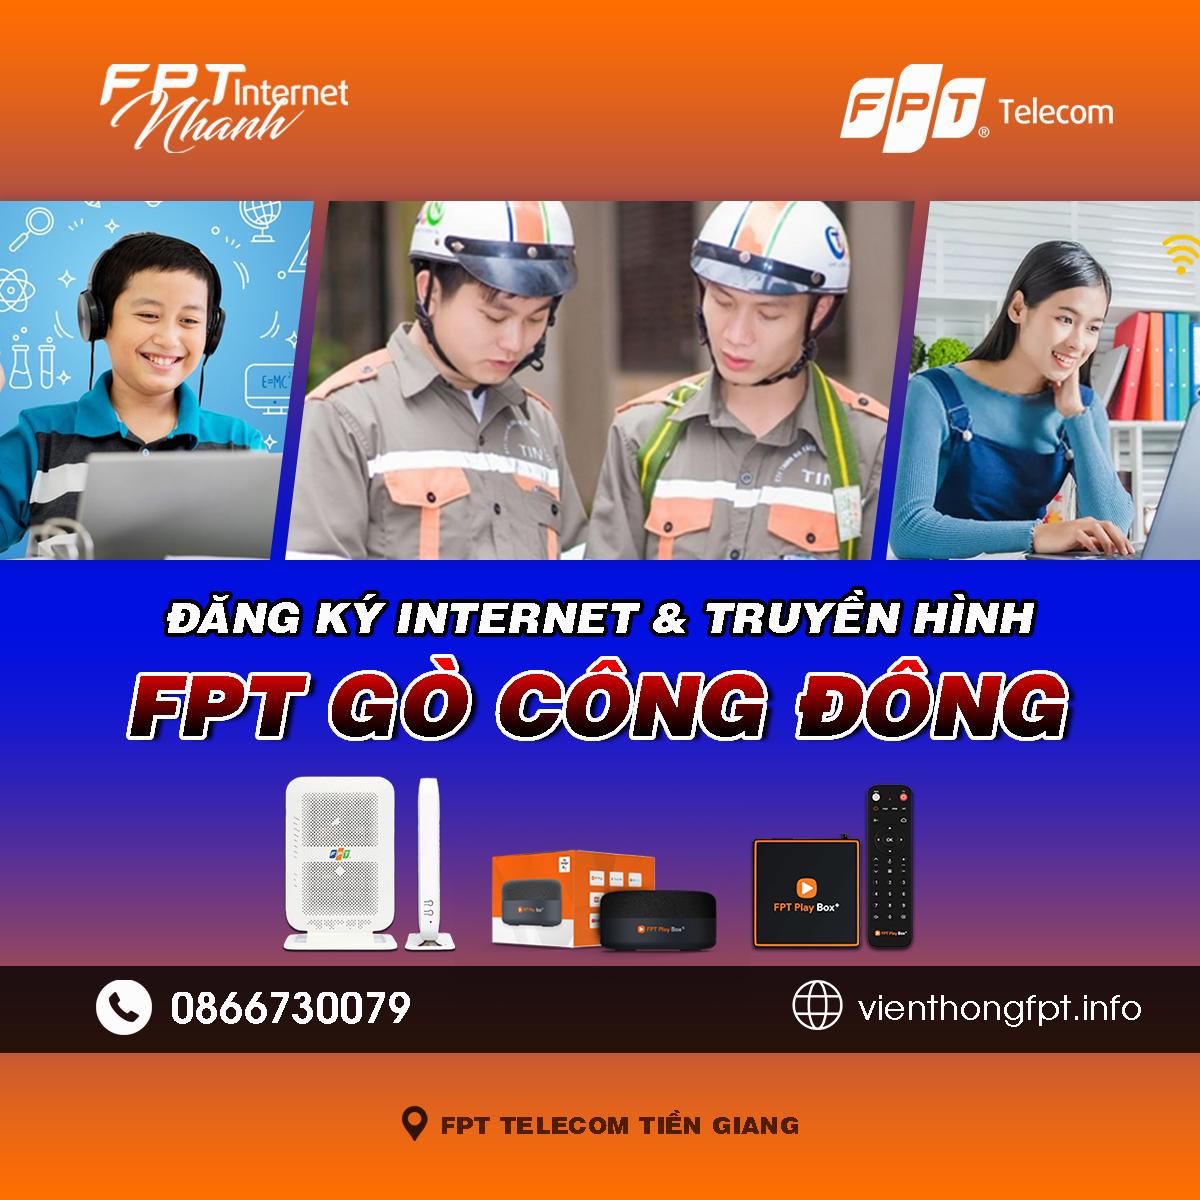 Tổng đài FPT Gò Công Đông - Đơn vị lắp mạng Internet và Truyền hình FPT